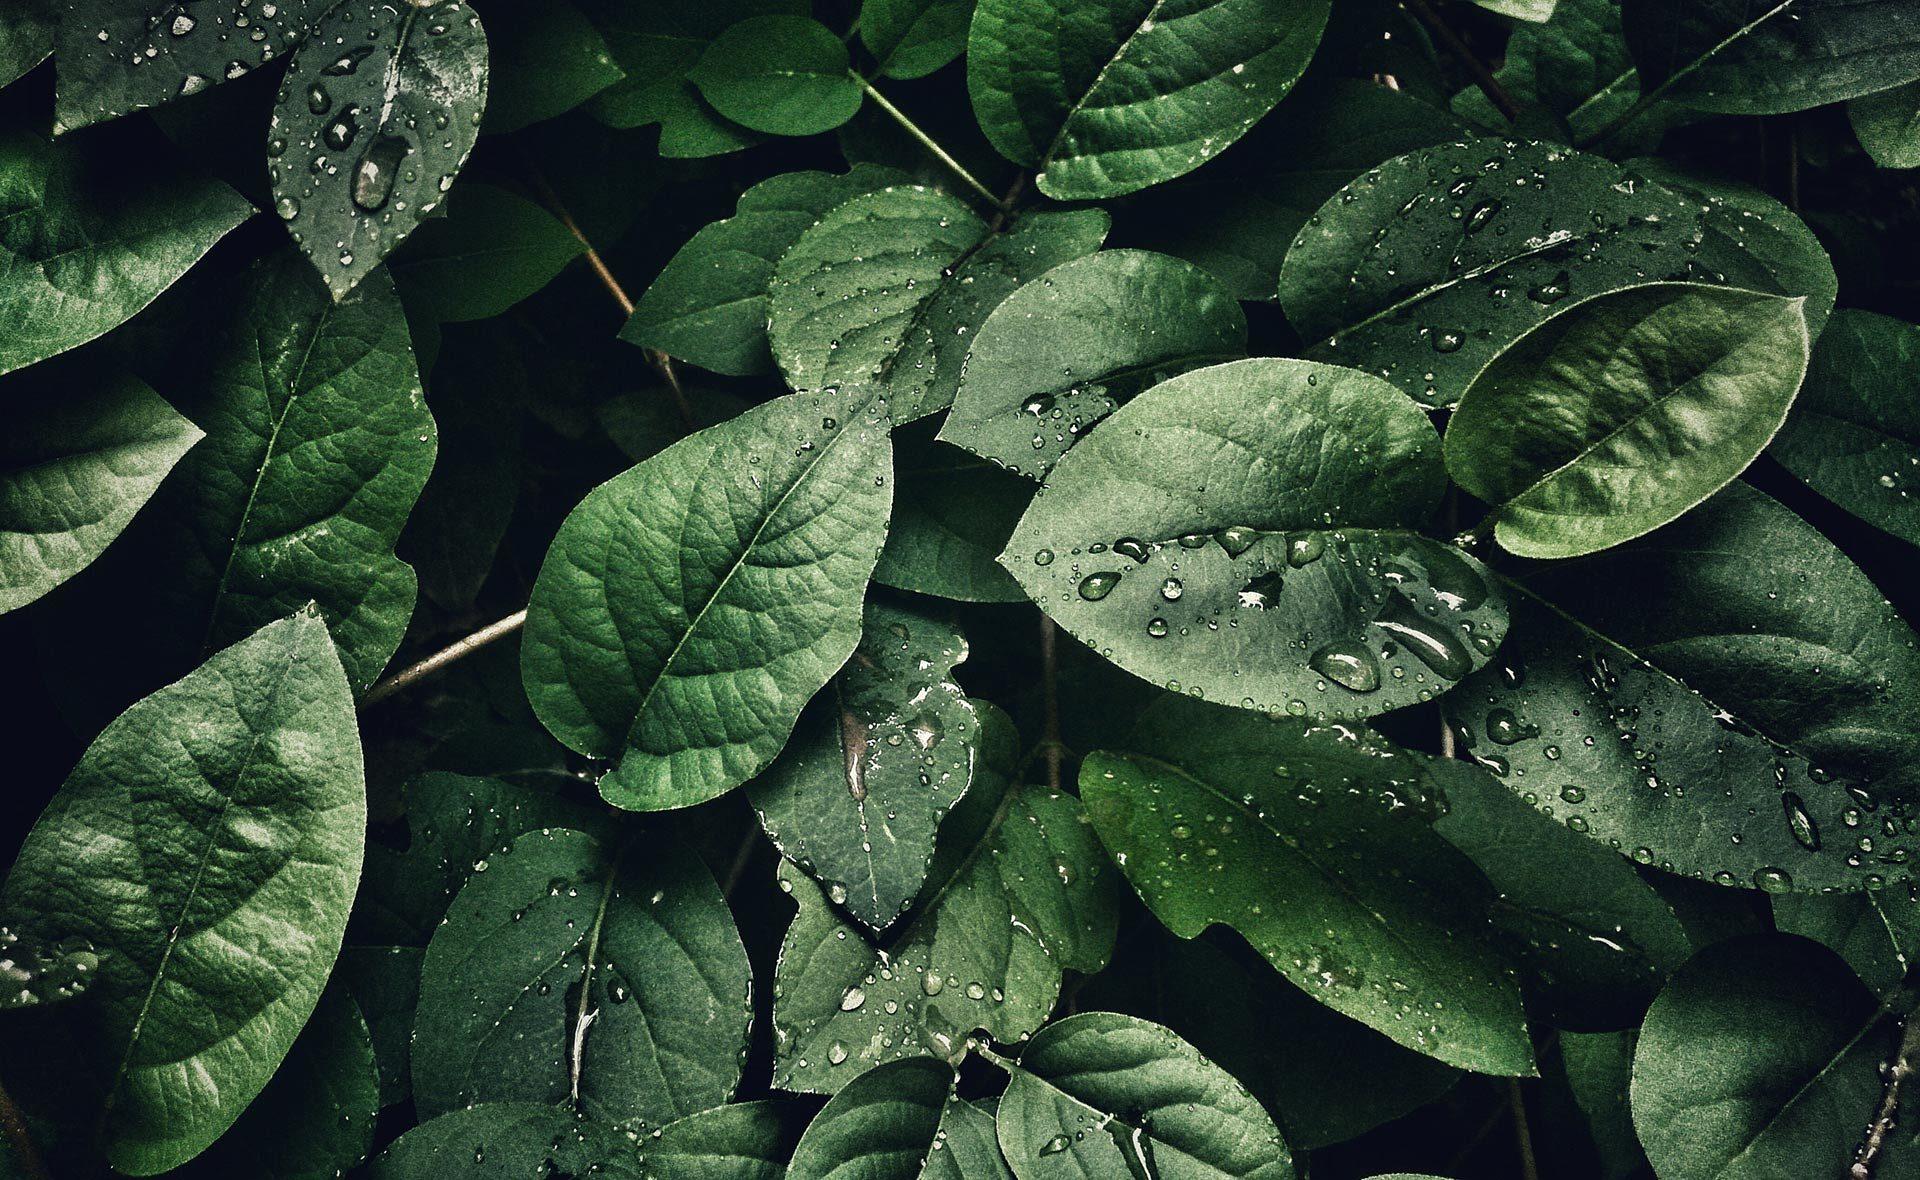 Fotografía de Hojas, gotas, verde, vegetación, sostenibilidad, finanzas sostenibles, naturaleza